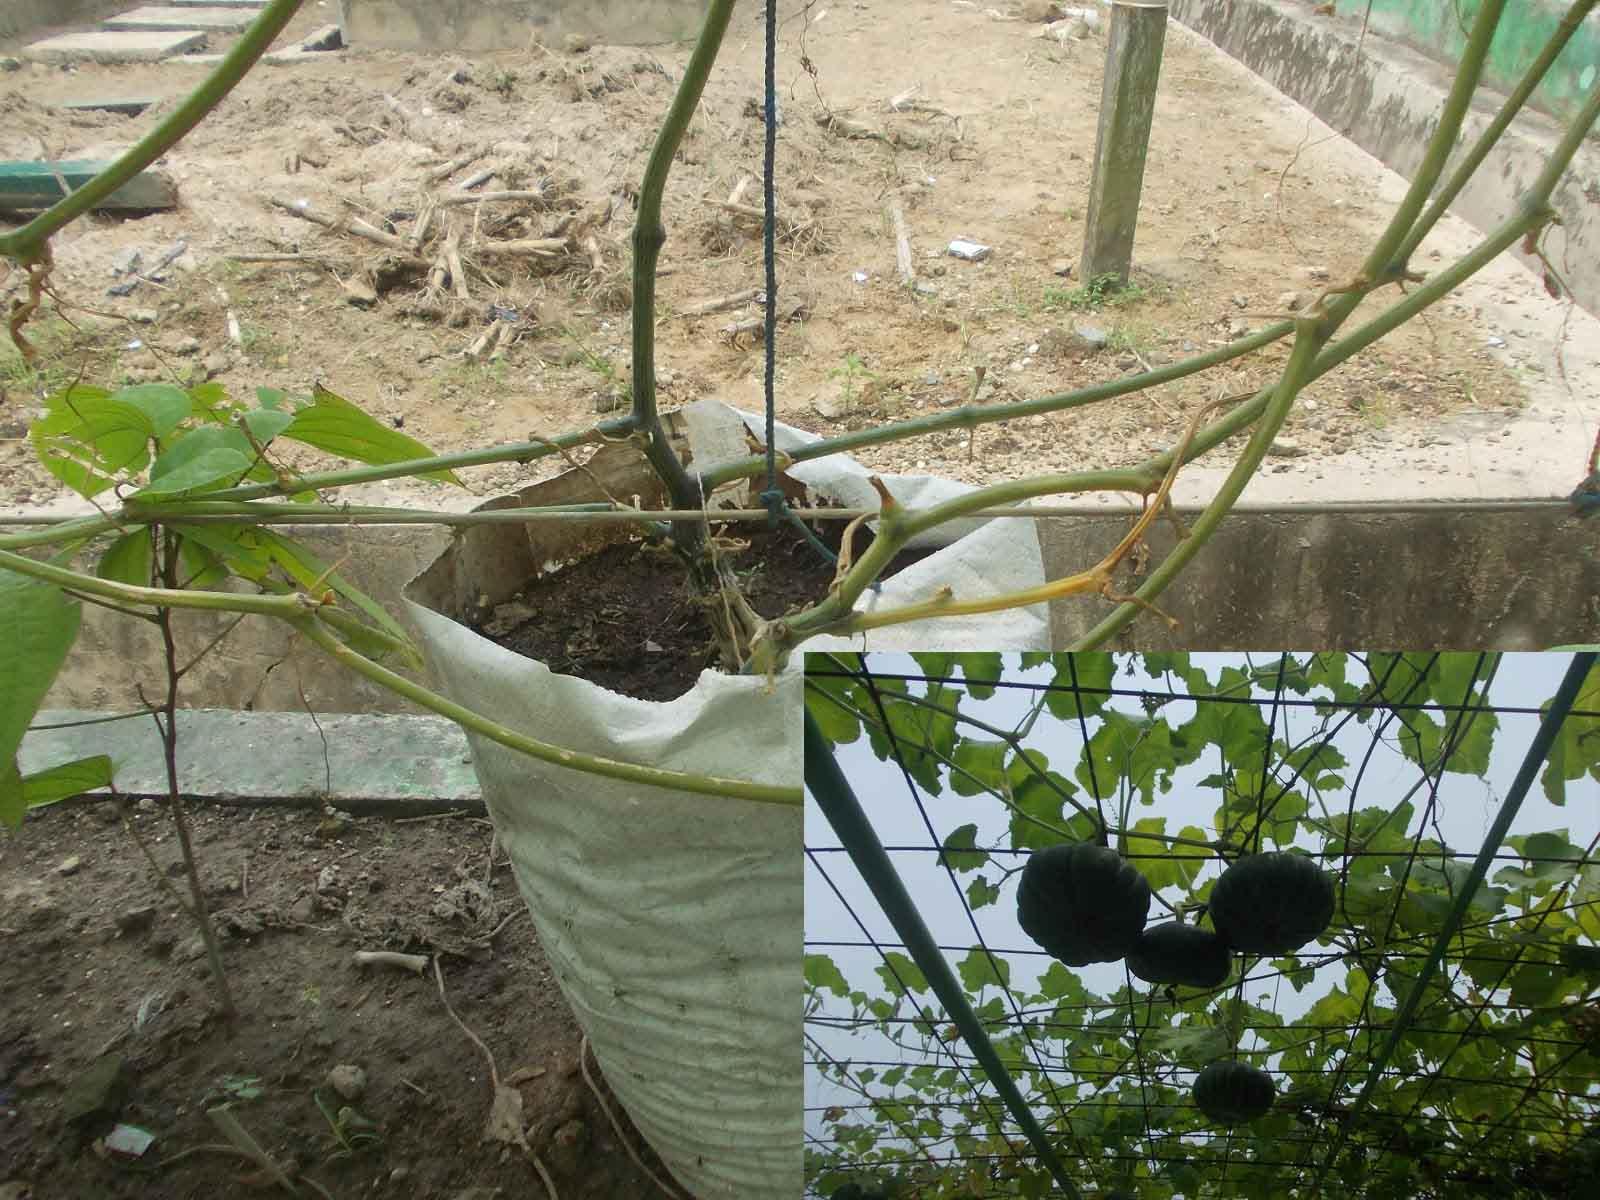 Panduan Lengkap Cara Budidaya Labu Kuning Dalam Polybag Pot Bagi Pemula Faunadanflora Com